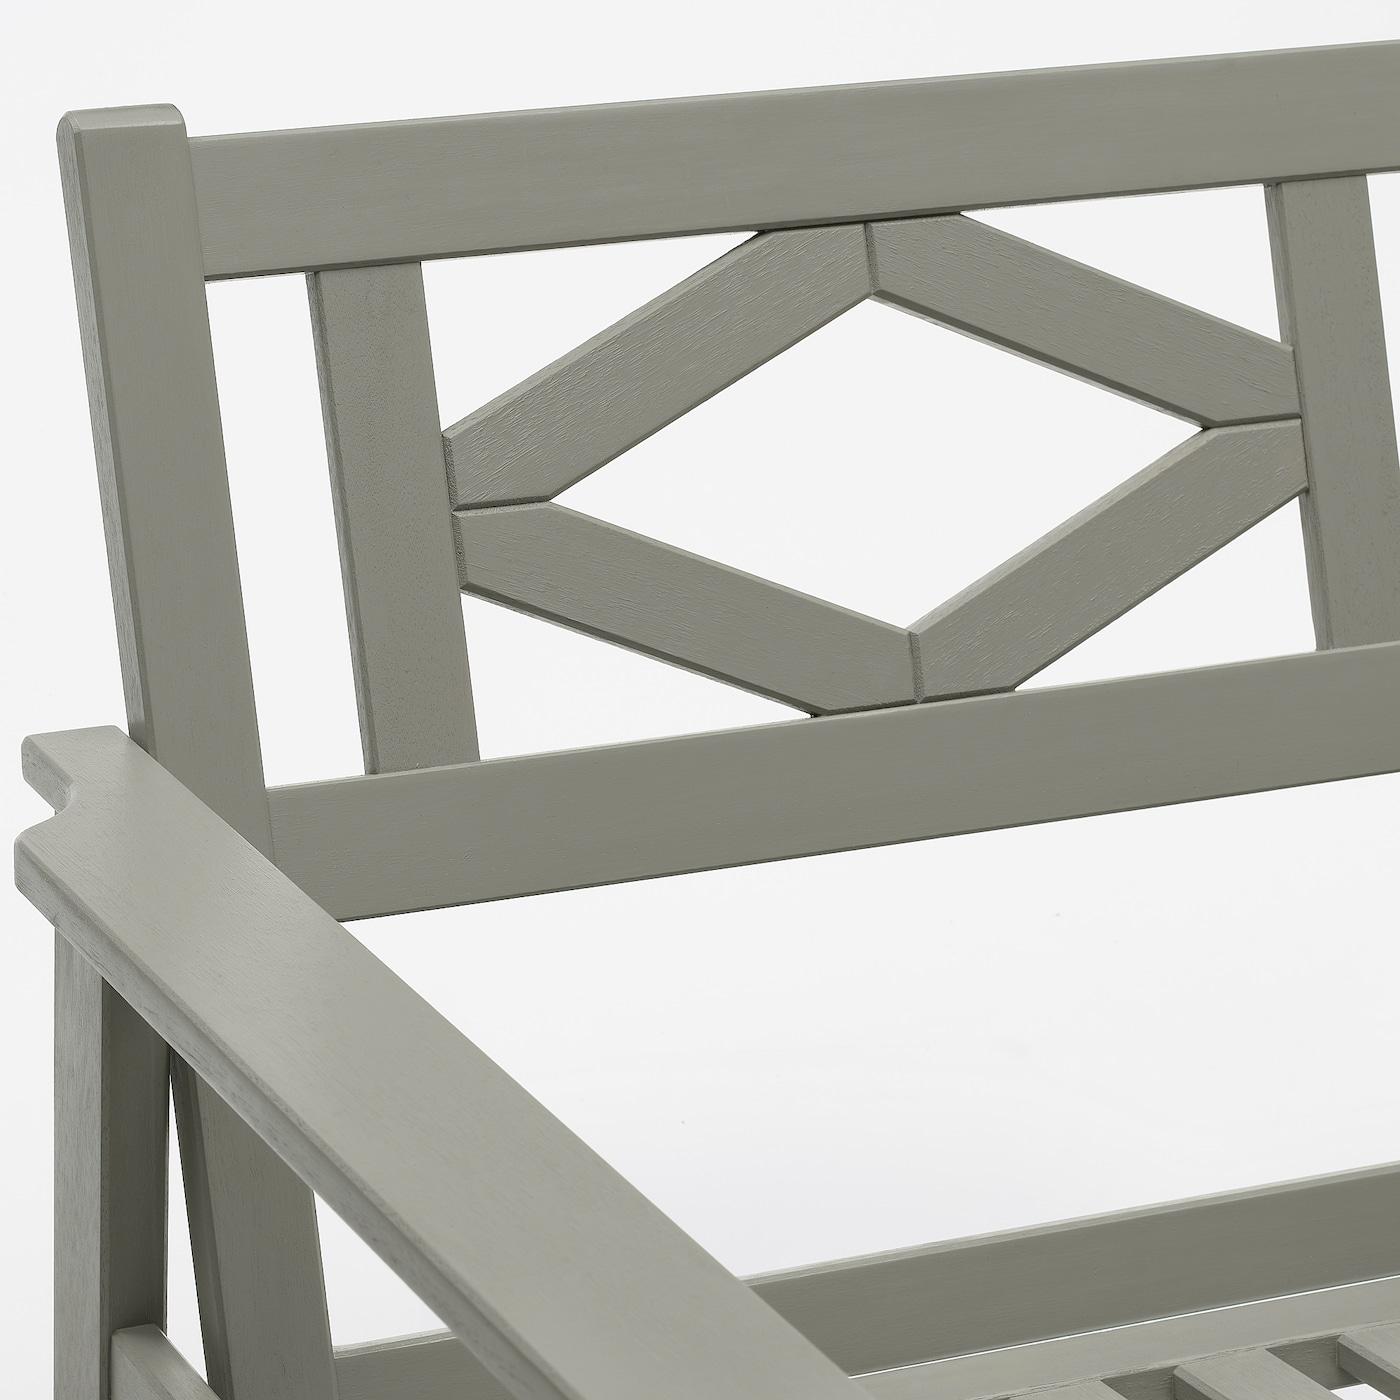 BONDHOLMEN Sessel/außen, grau las./Järpön/Duvholmen braunrot